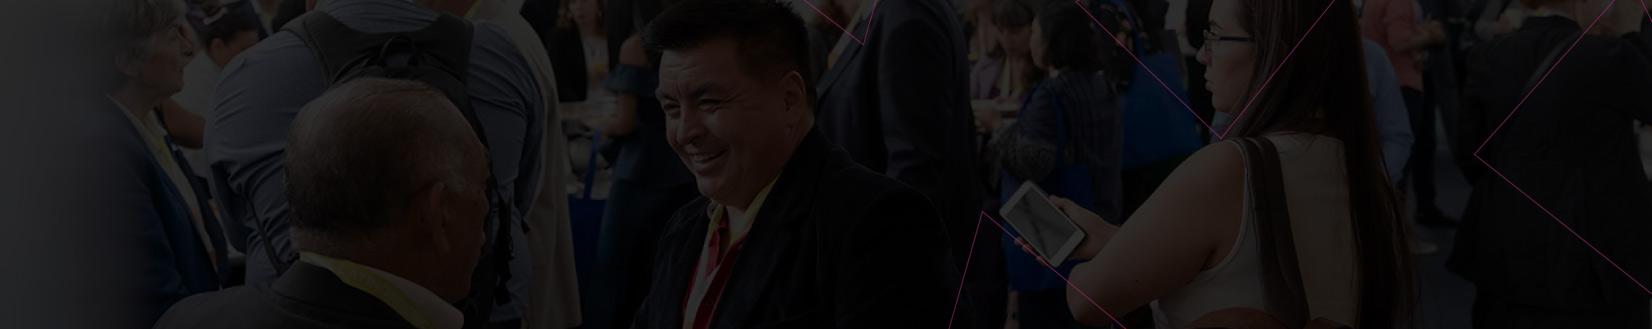 Conoce las crónicas del Foro CILAC 2018